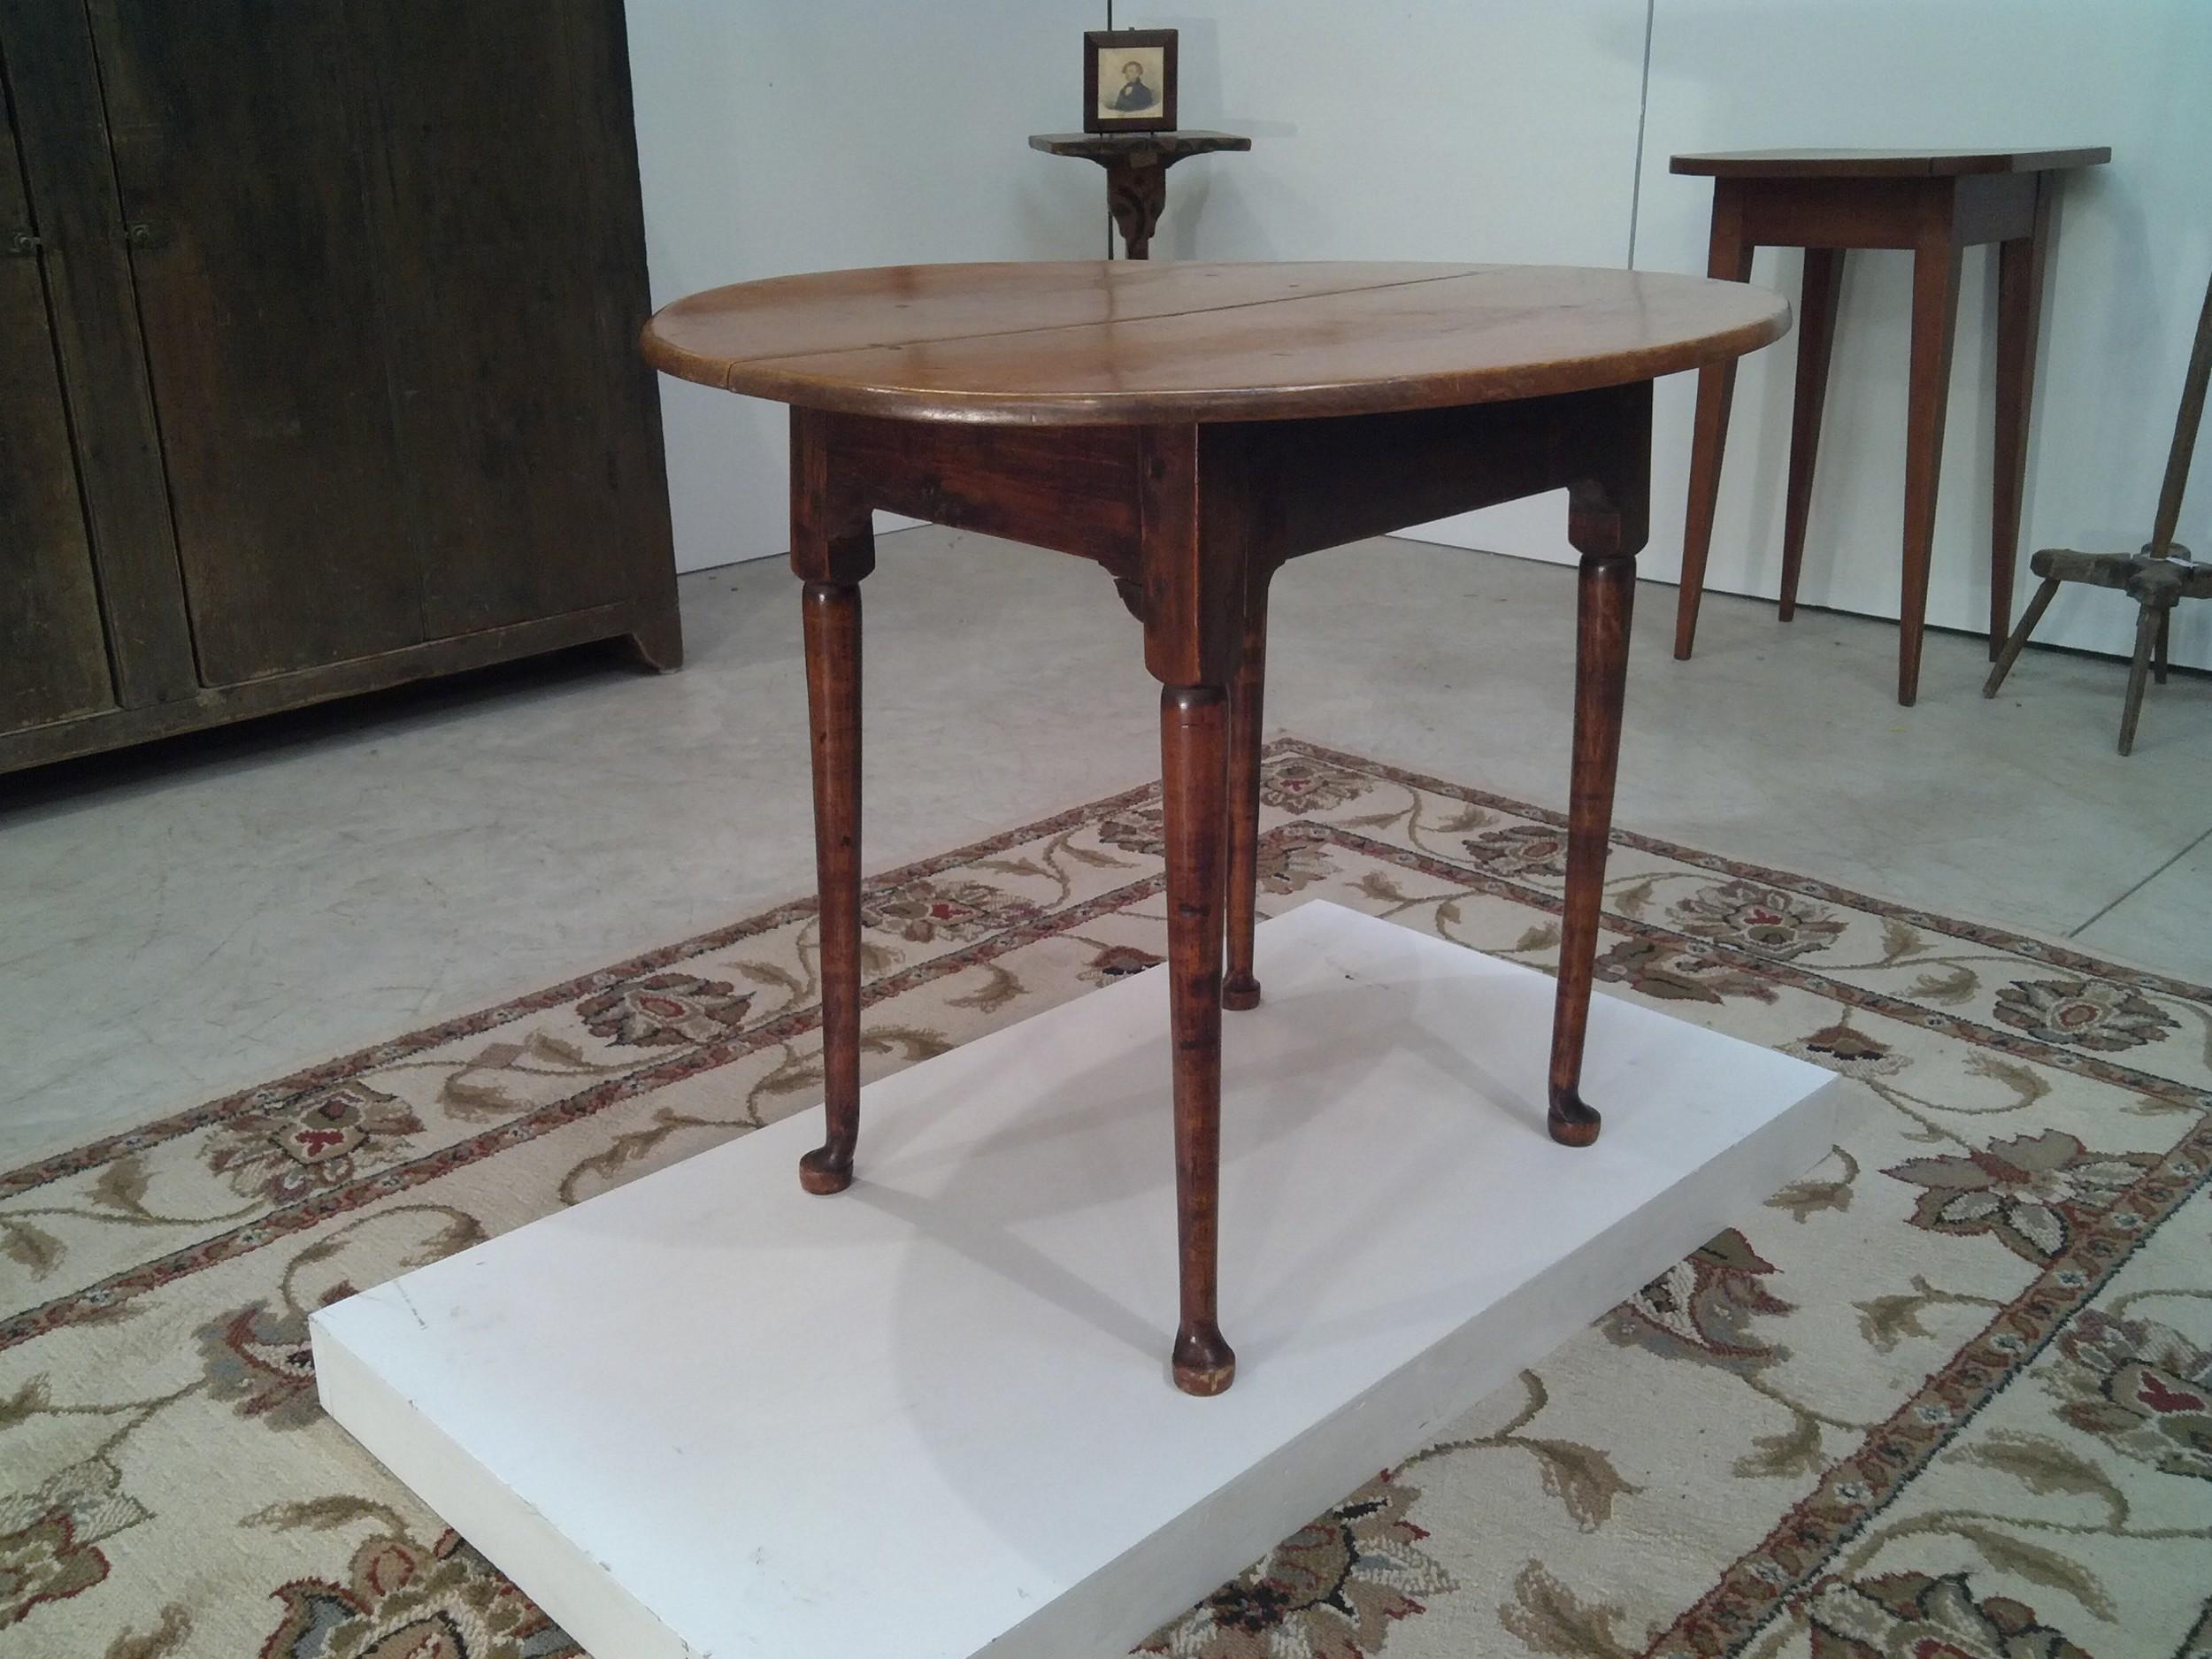 NE Ca. 1775-1780 Queen Anne tavern table